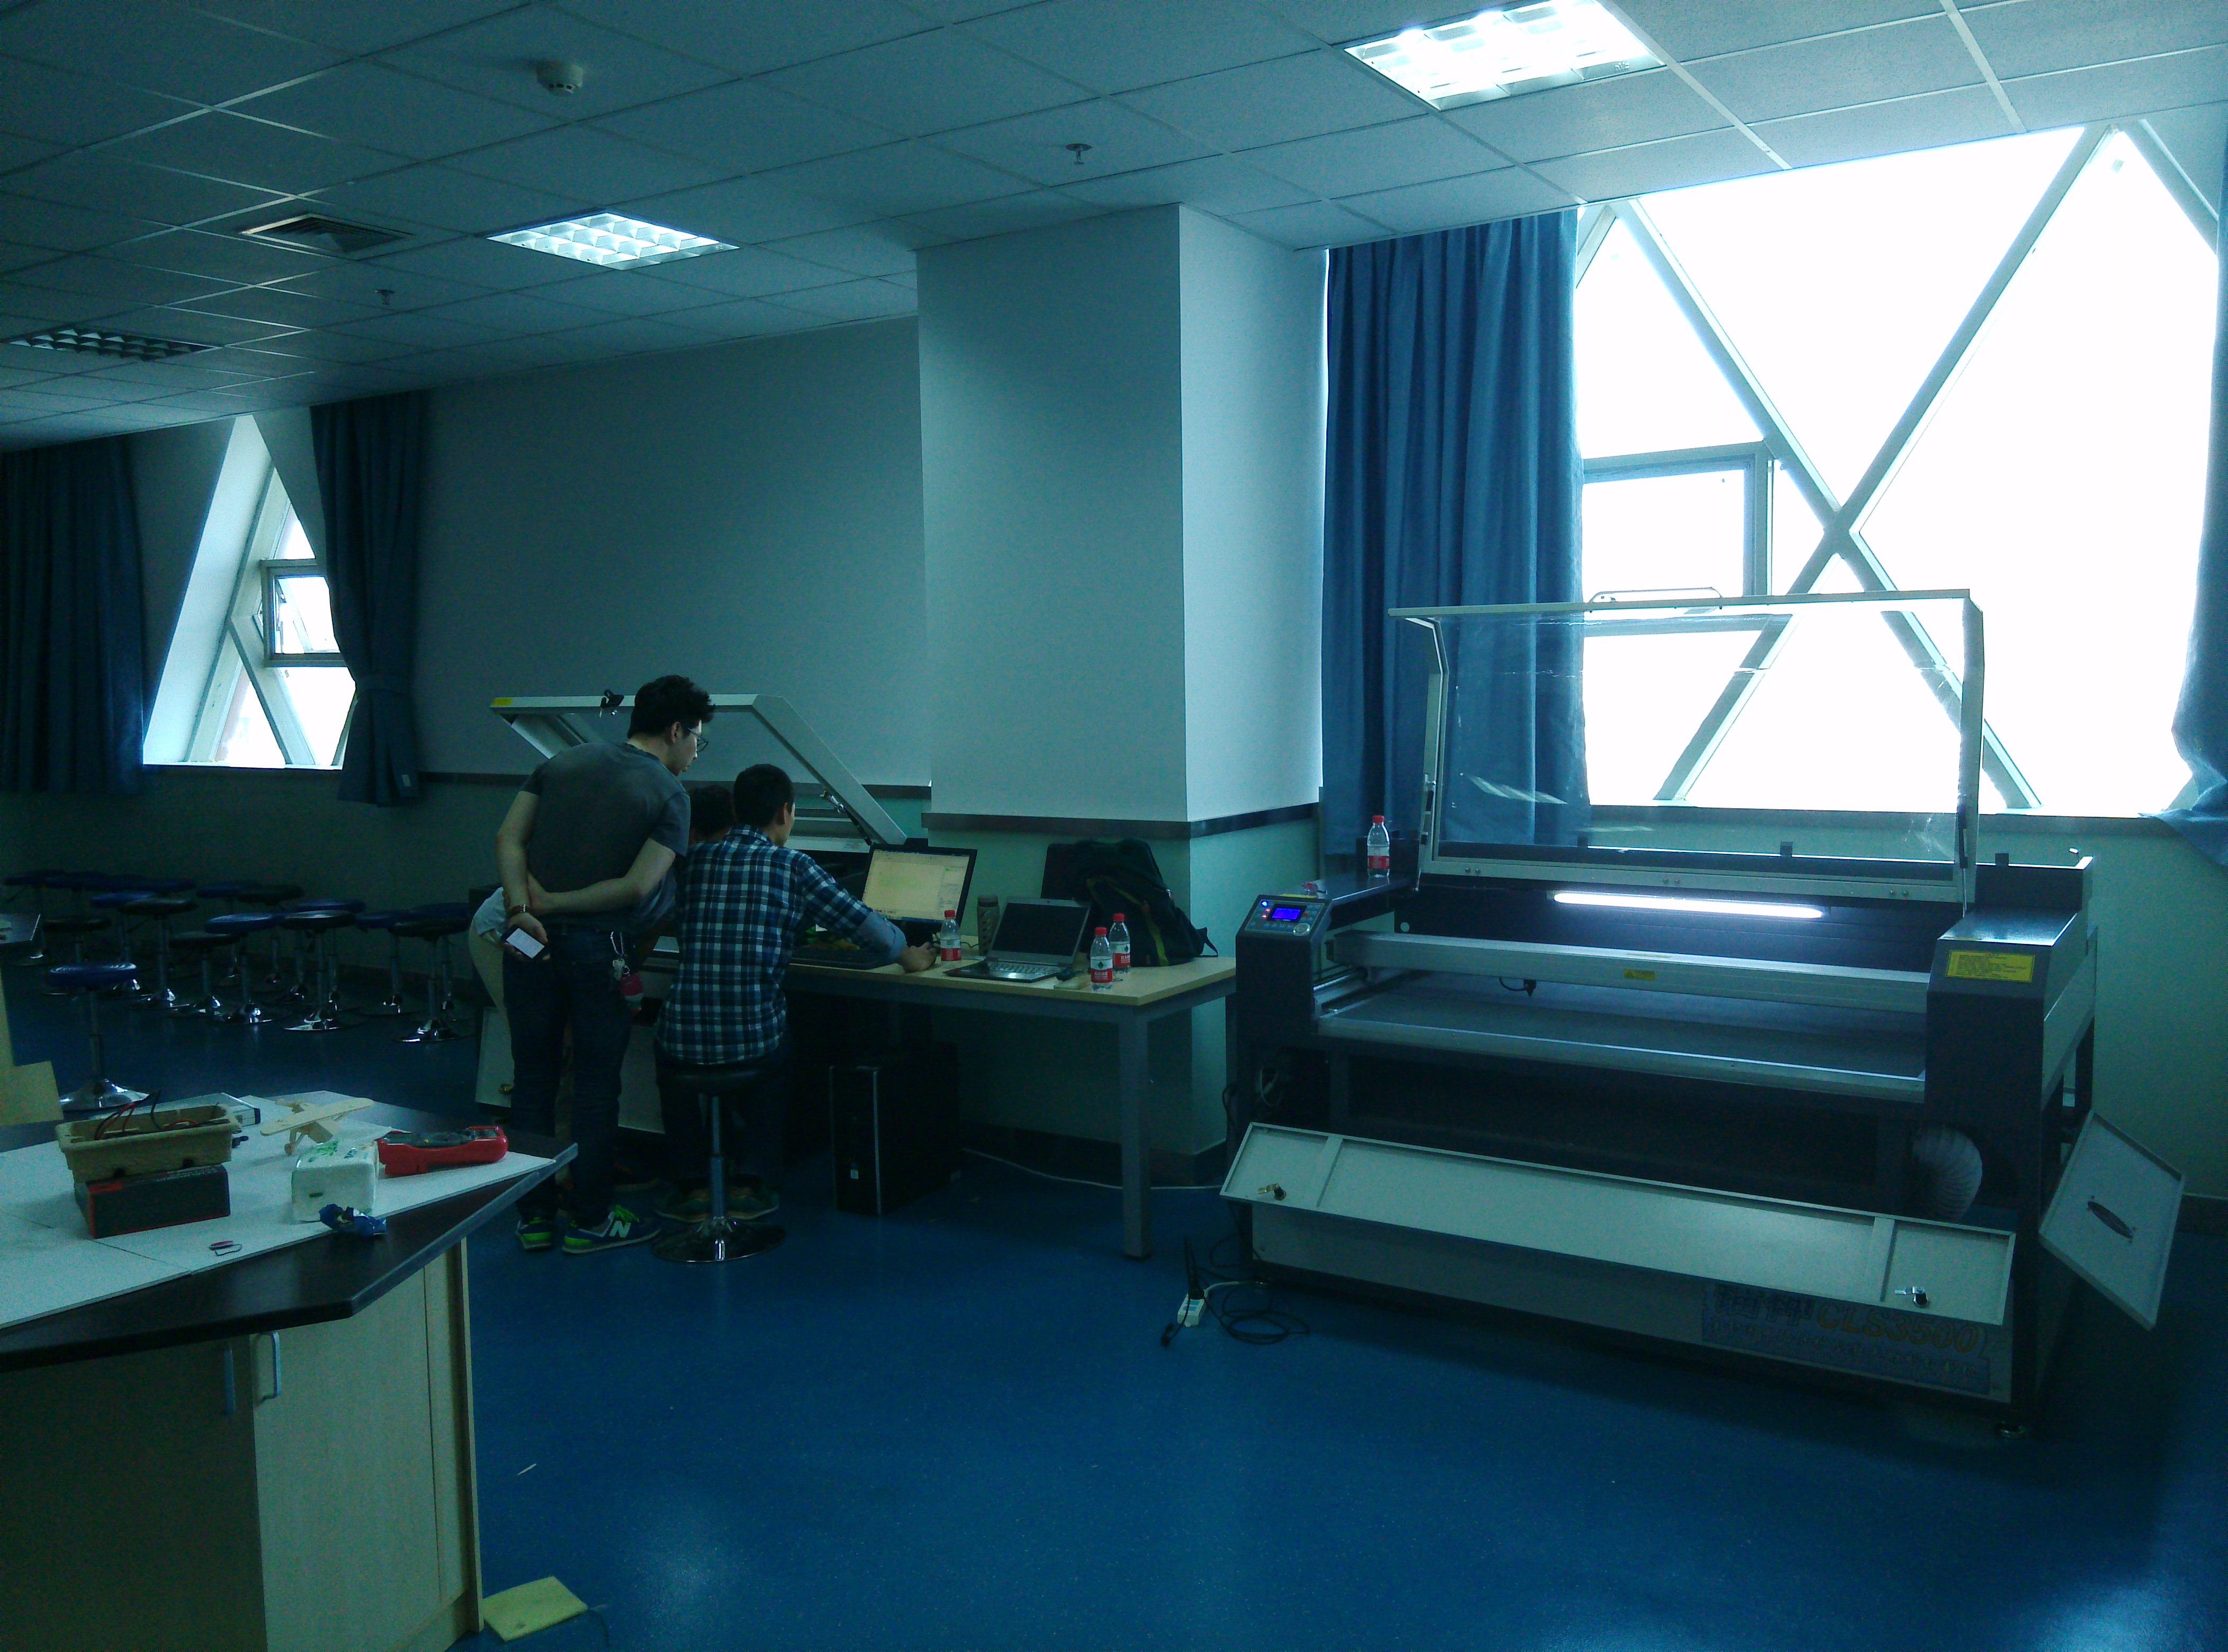 克拉玛依青少年科技活动中心